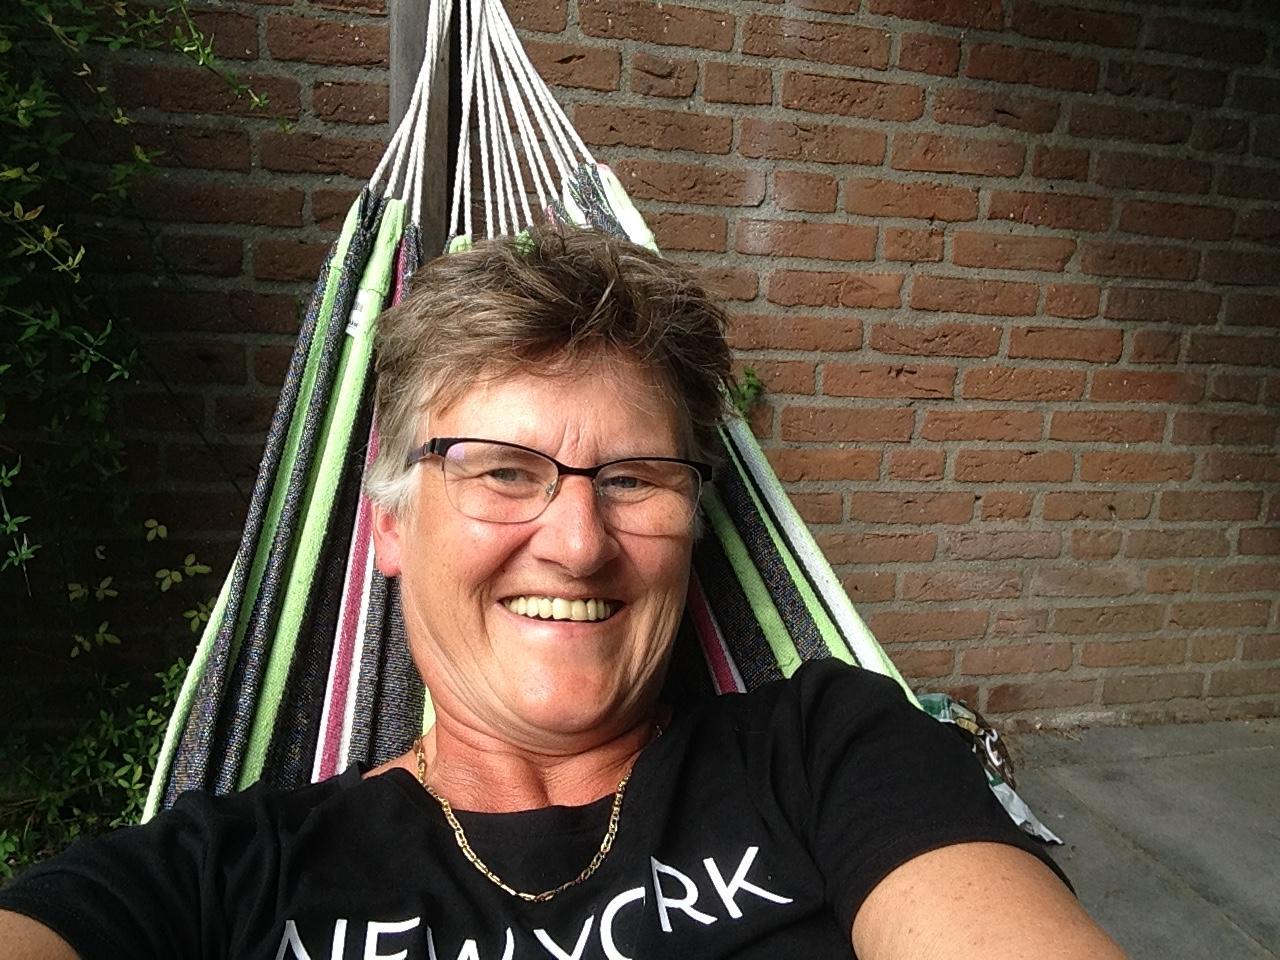 Over de doden: Sportieve doorzetter Jacqueline van Berloo plande alles, tot het einde aan toe